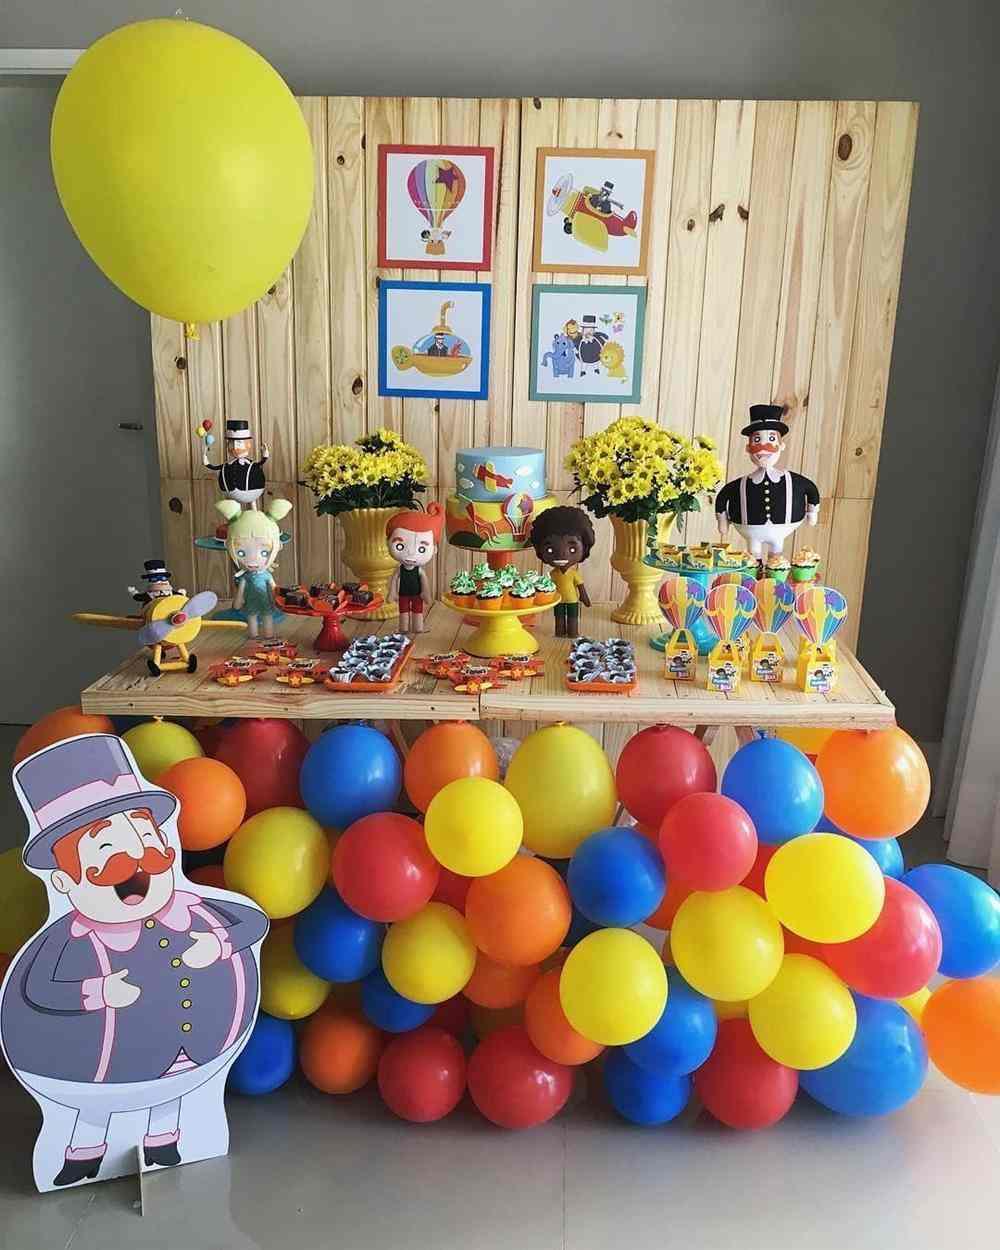 dicas de como enfeitar uma festa de aniversário simples